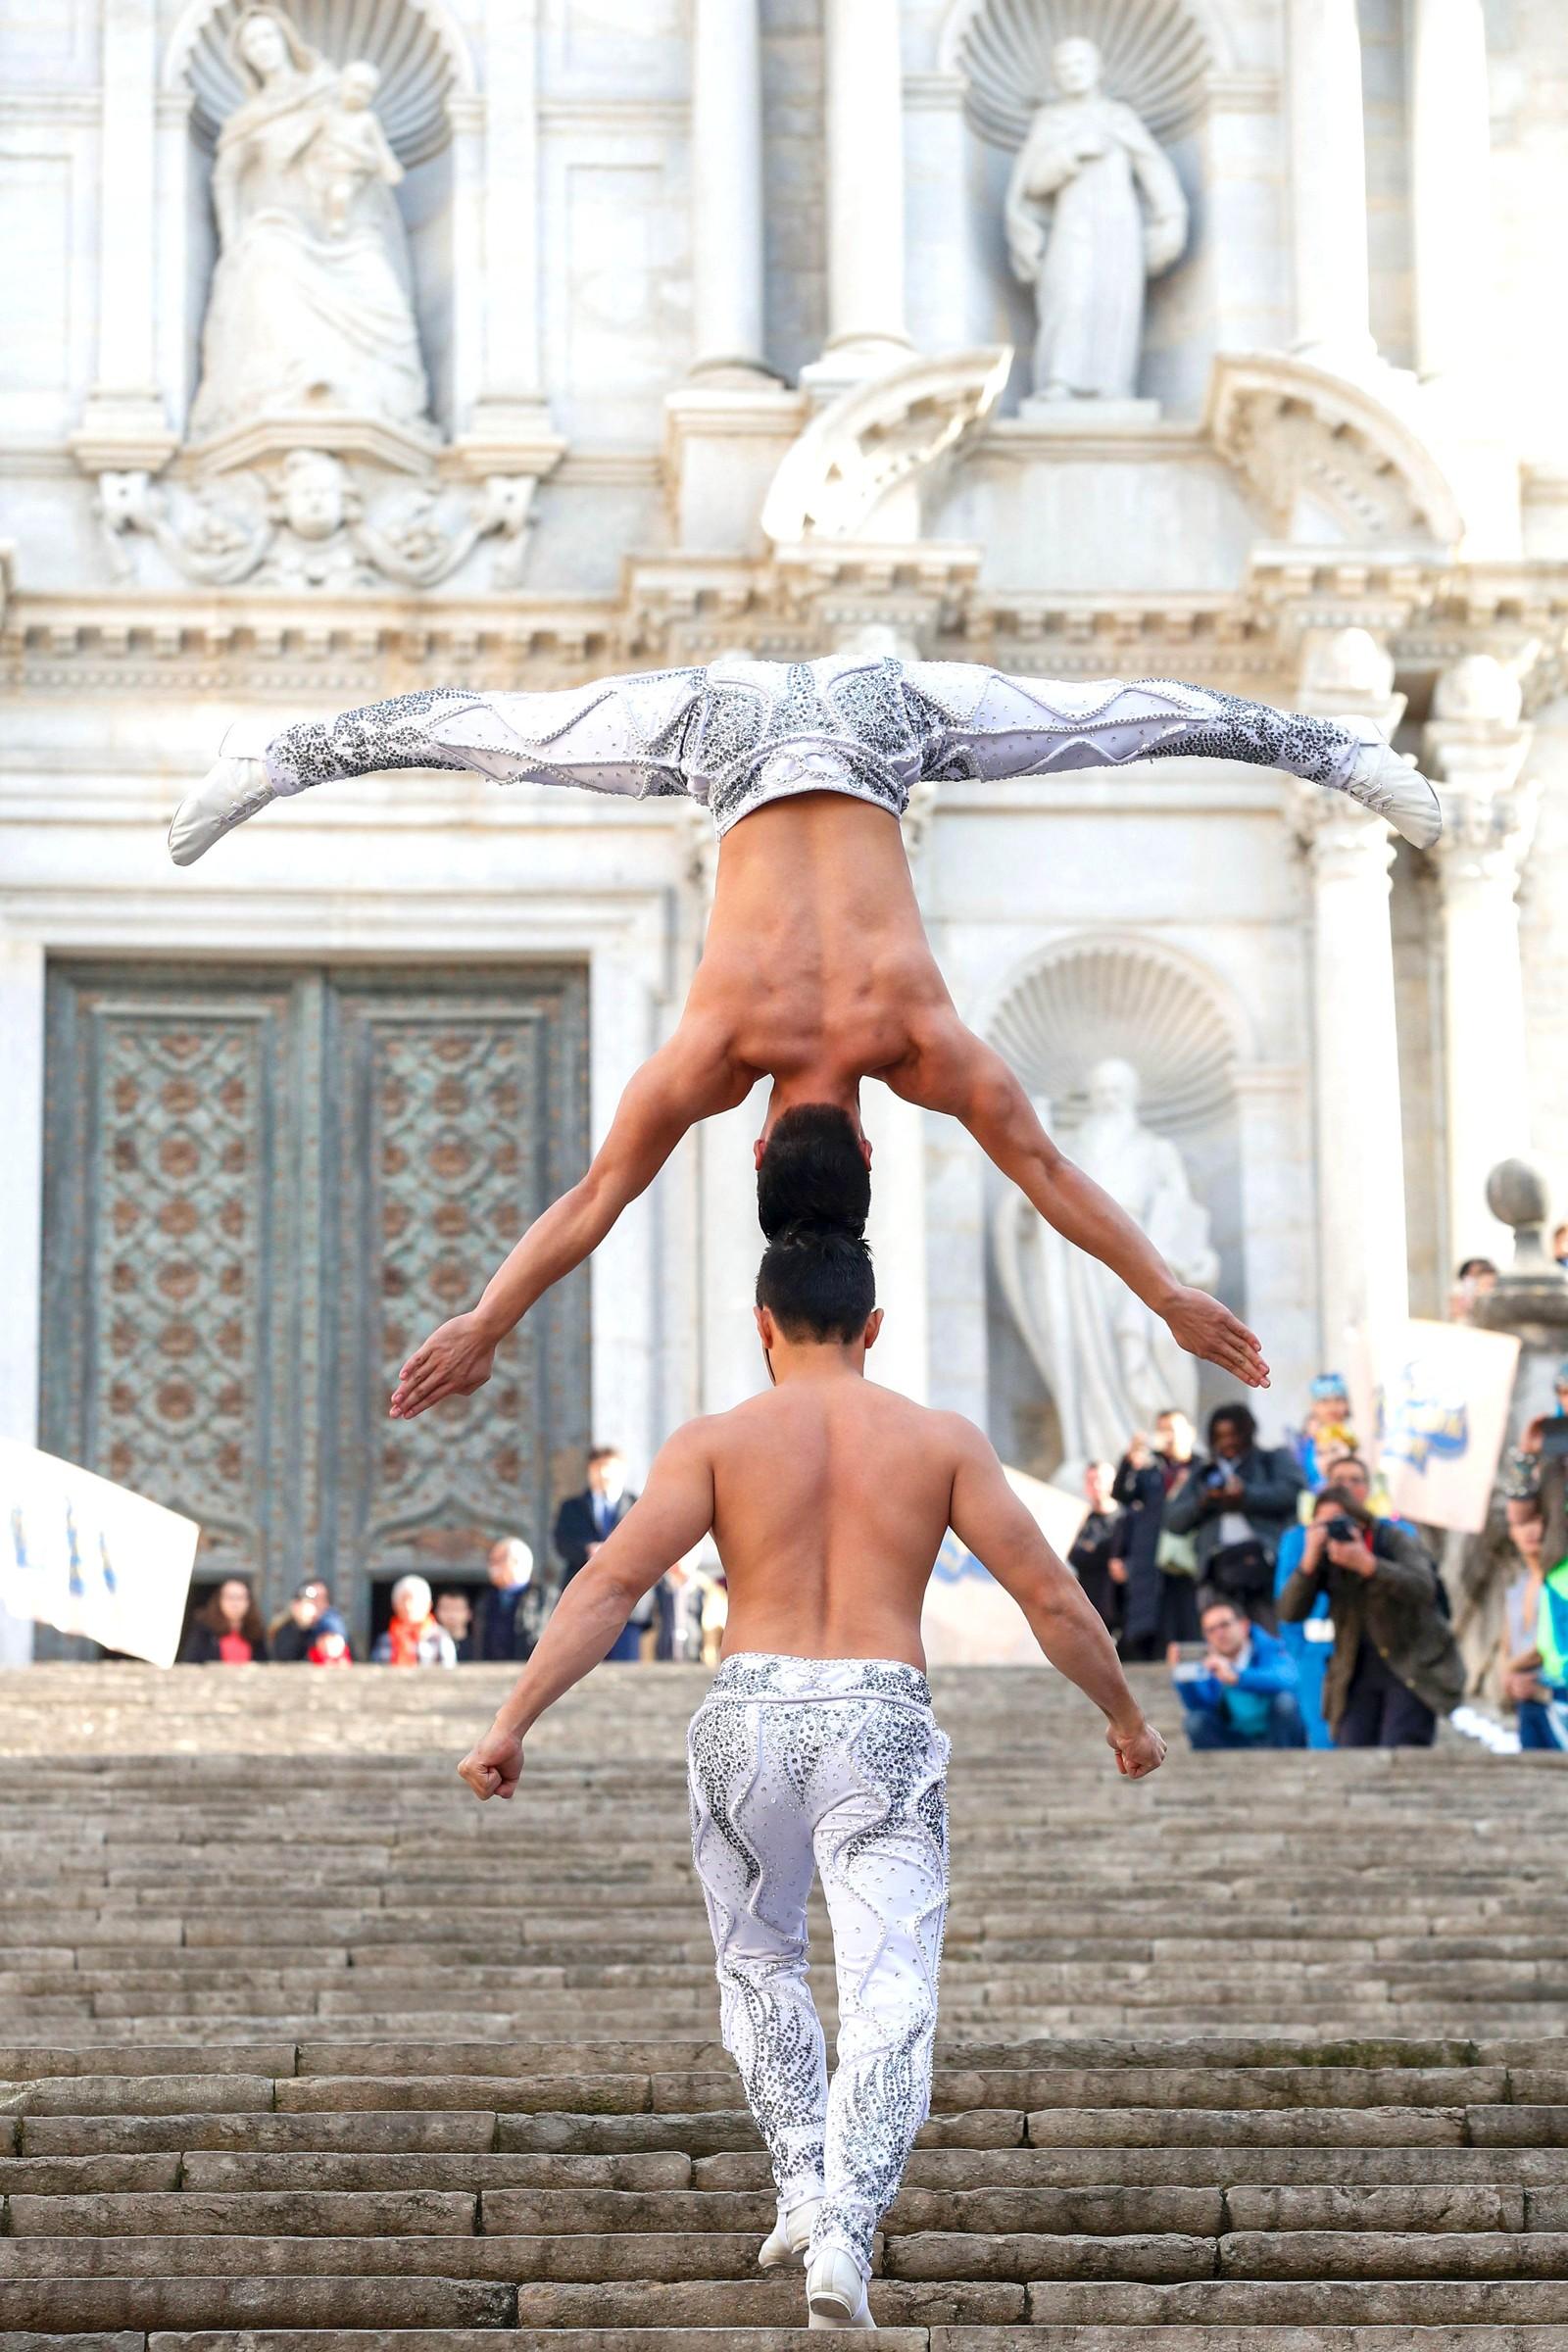 De vietnamesiske brødrene Quoc Co Giang og broren hans Quoc Ngiep Giang klarte å sette ny verdensrekord da de greide å gå opp 90 trappetrinn på 52 sekunder på denne måten.